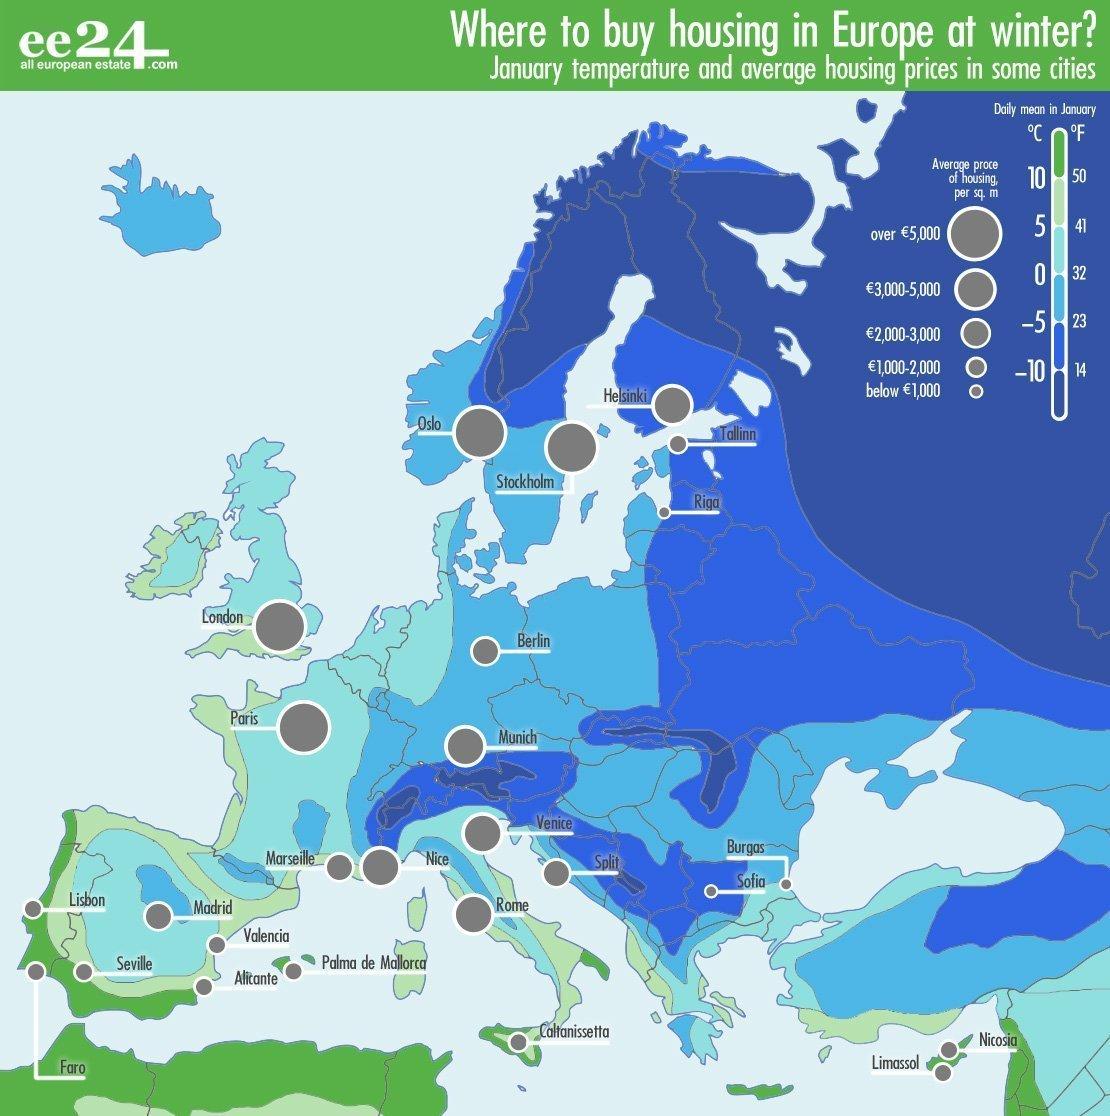 Top ten EU countries with cheap real estate - EE24